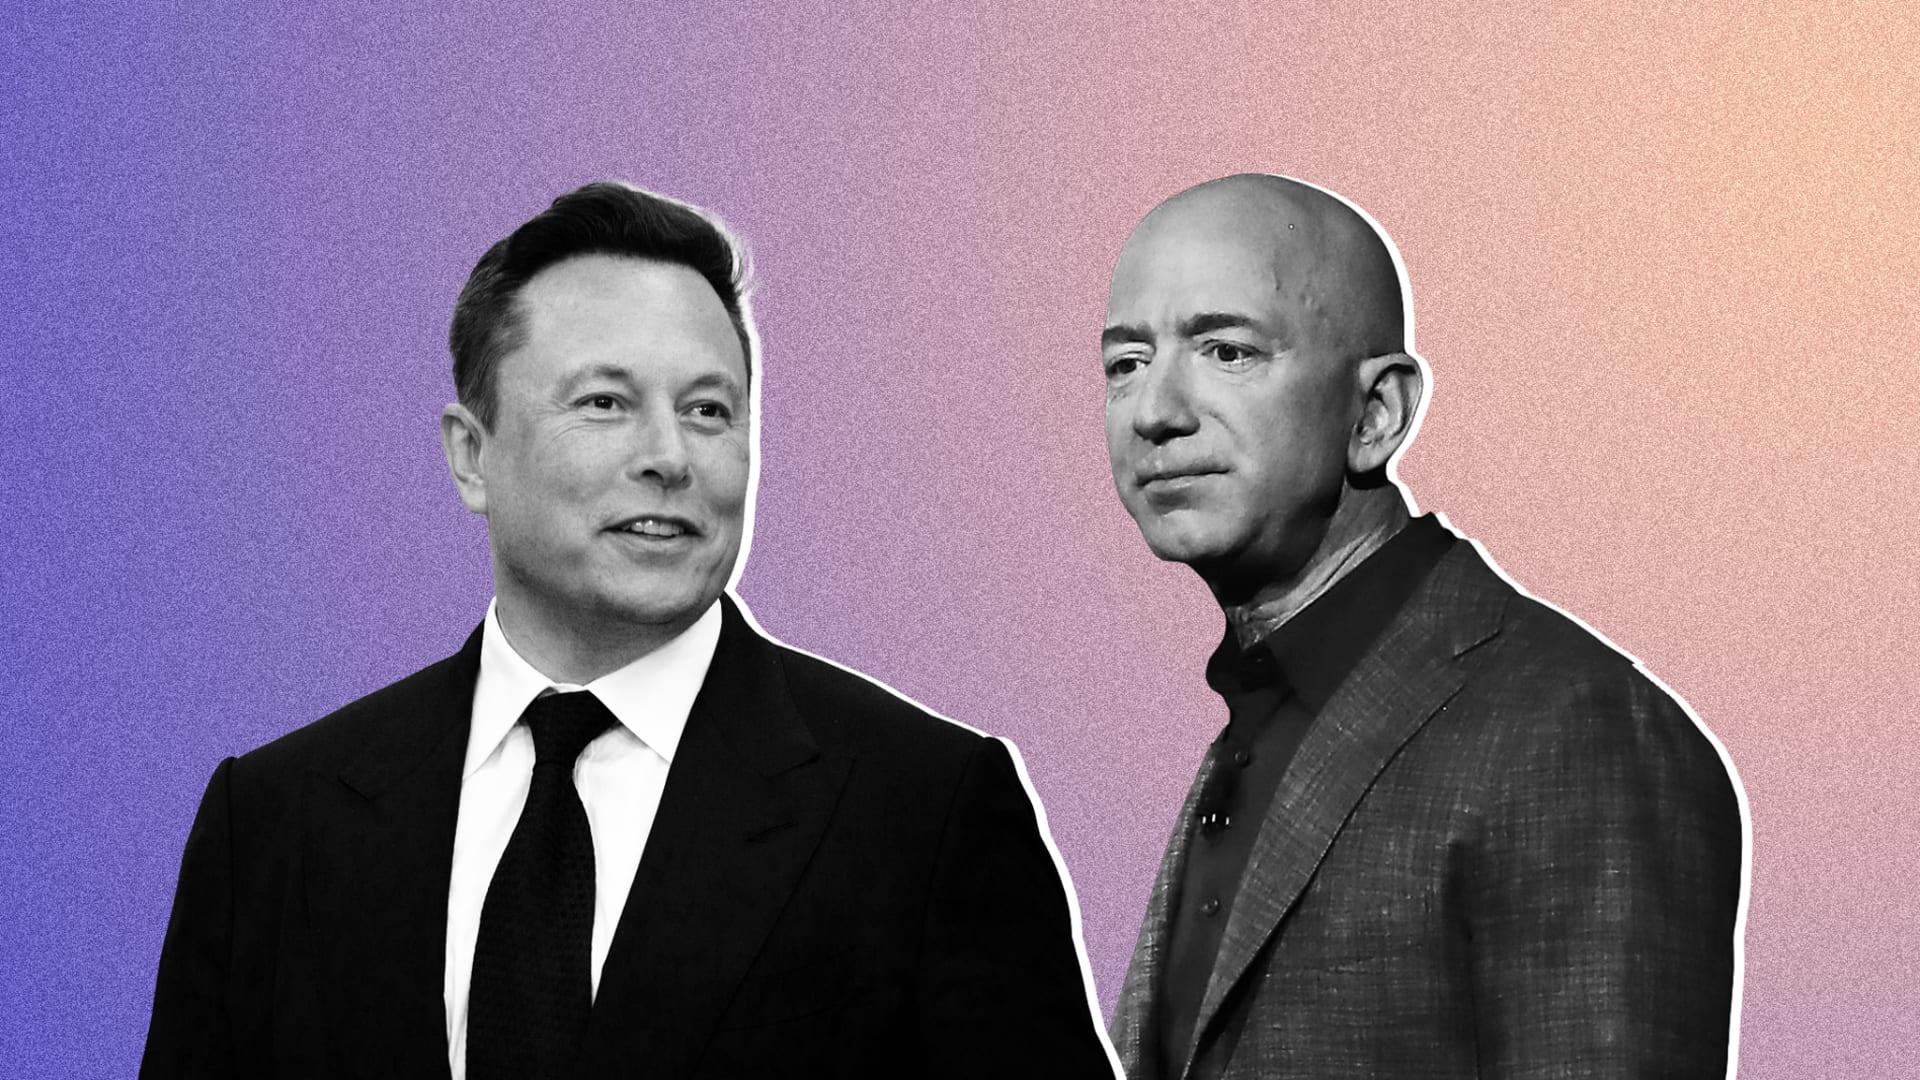 Bài học cho các CEO từ sai lầm của tỷ phú Jeff Bezos và Elon Musk trong phong cách lãnh đạo - Ảnh 2.